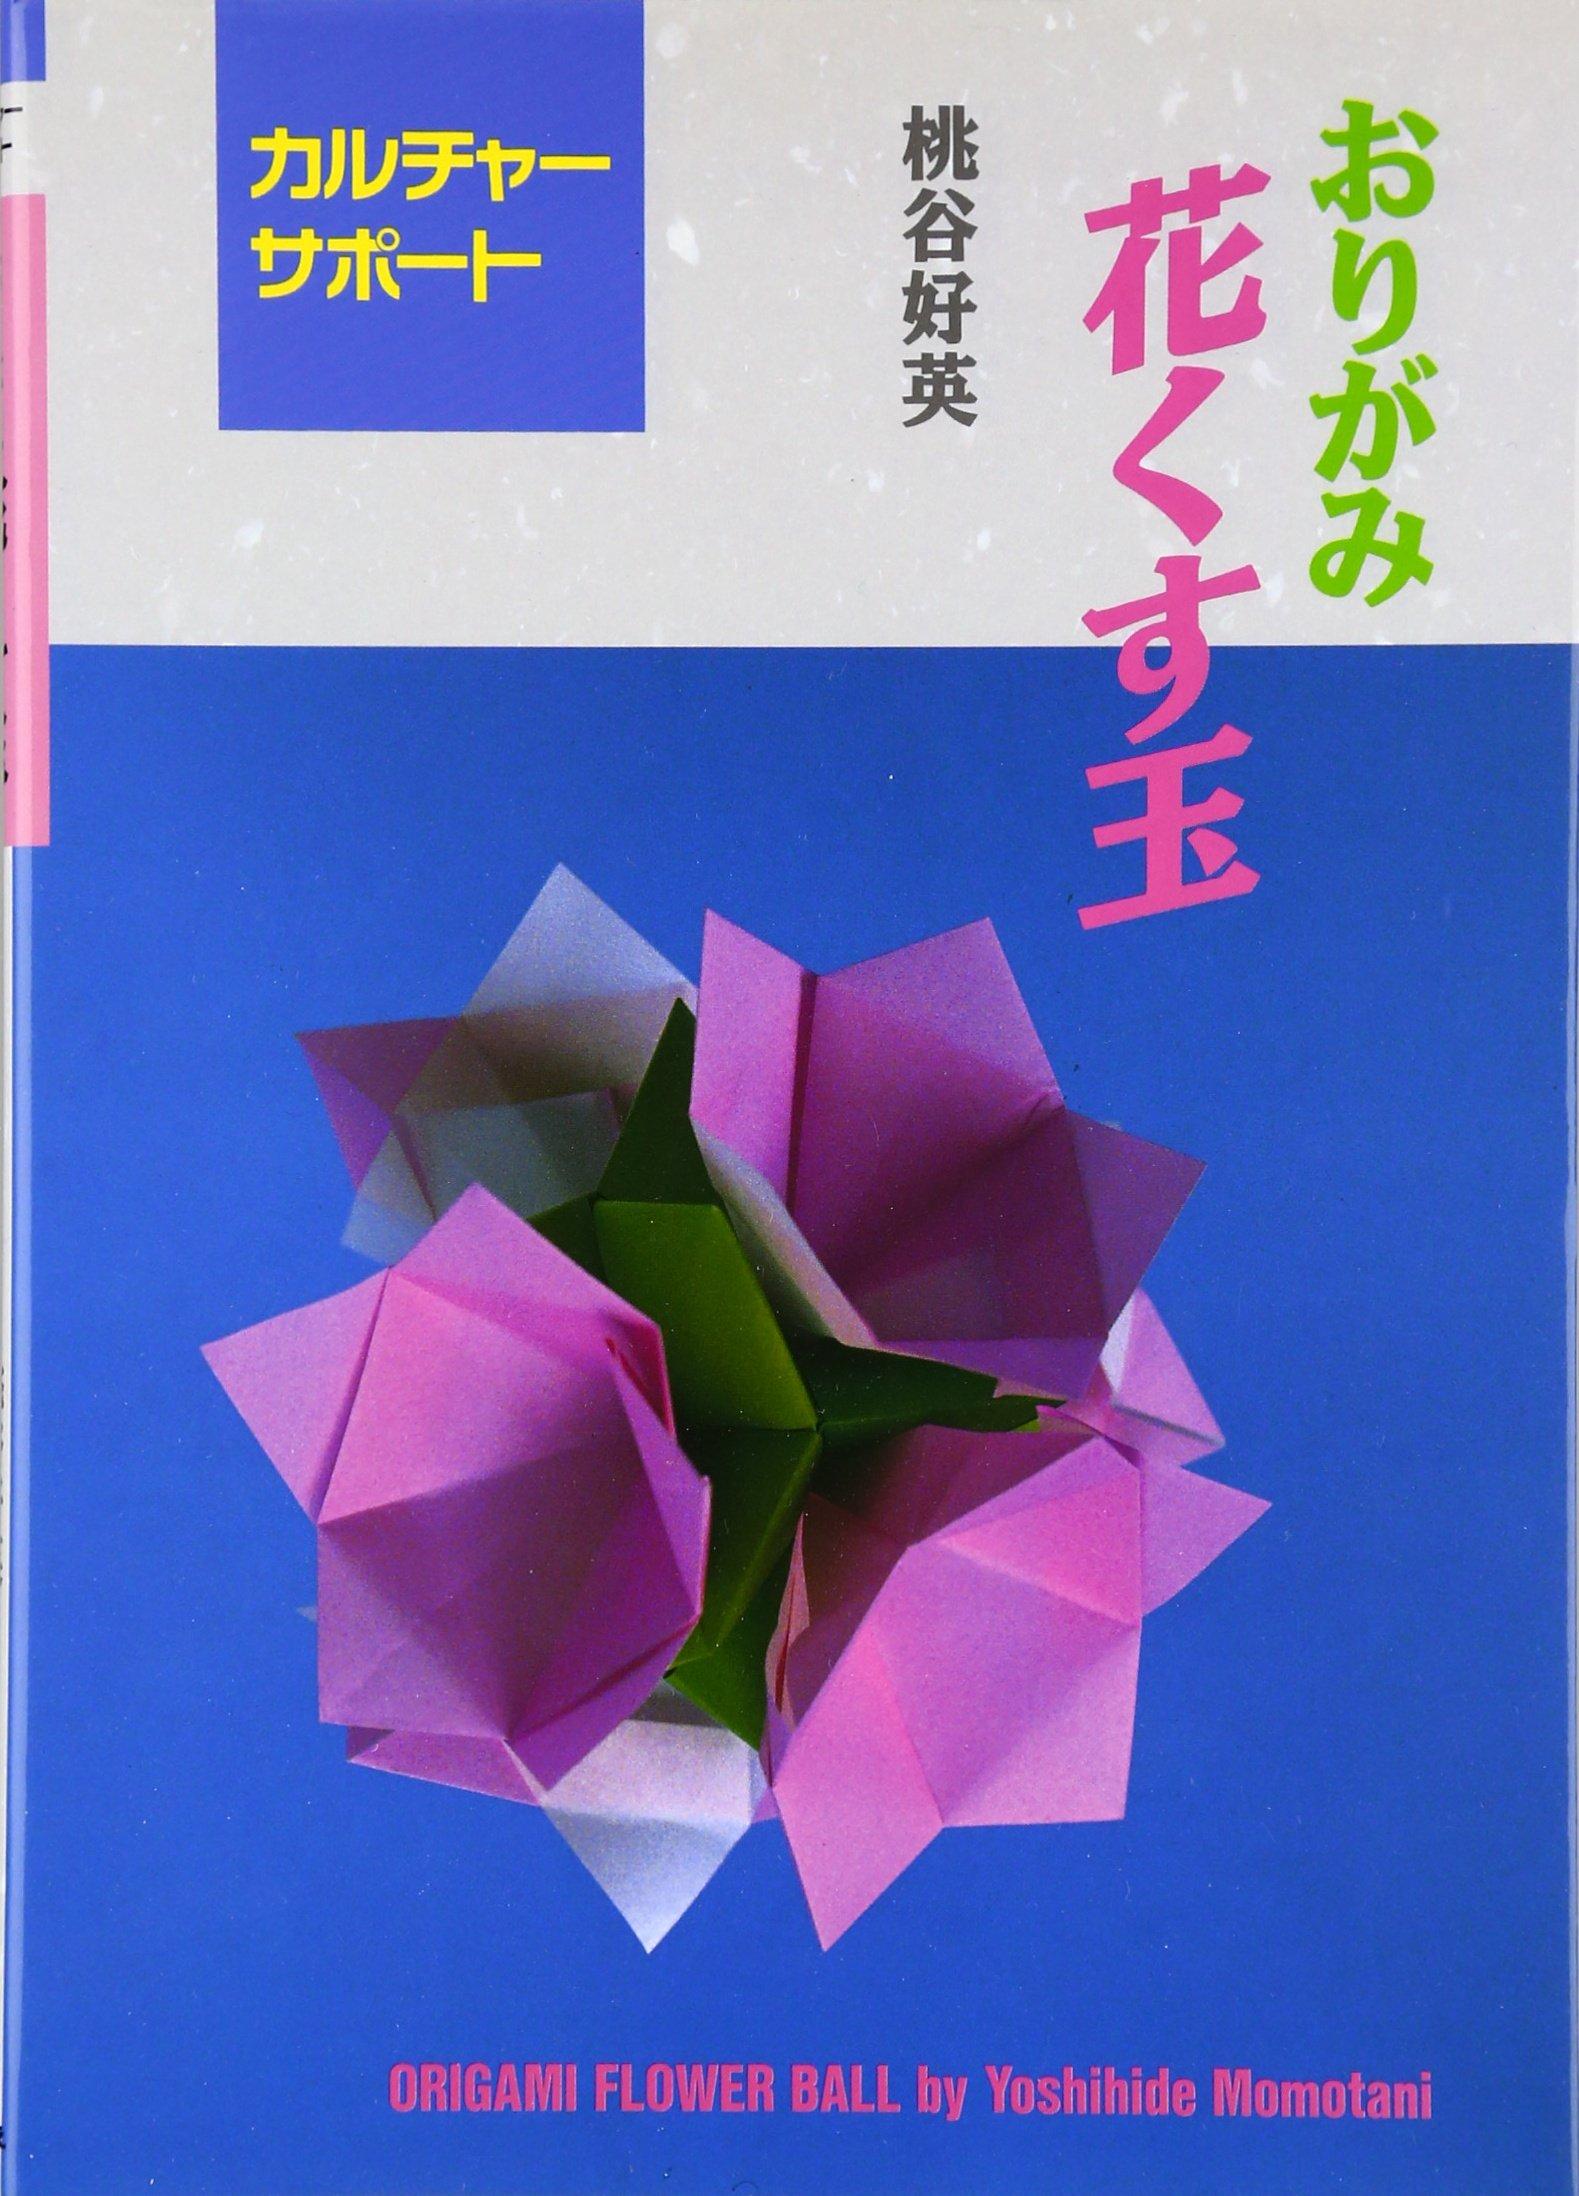 Origami Flower Ball Origami Hana Kusudama In Japanese Yoshihide